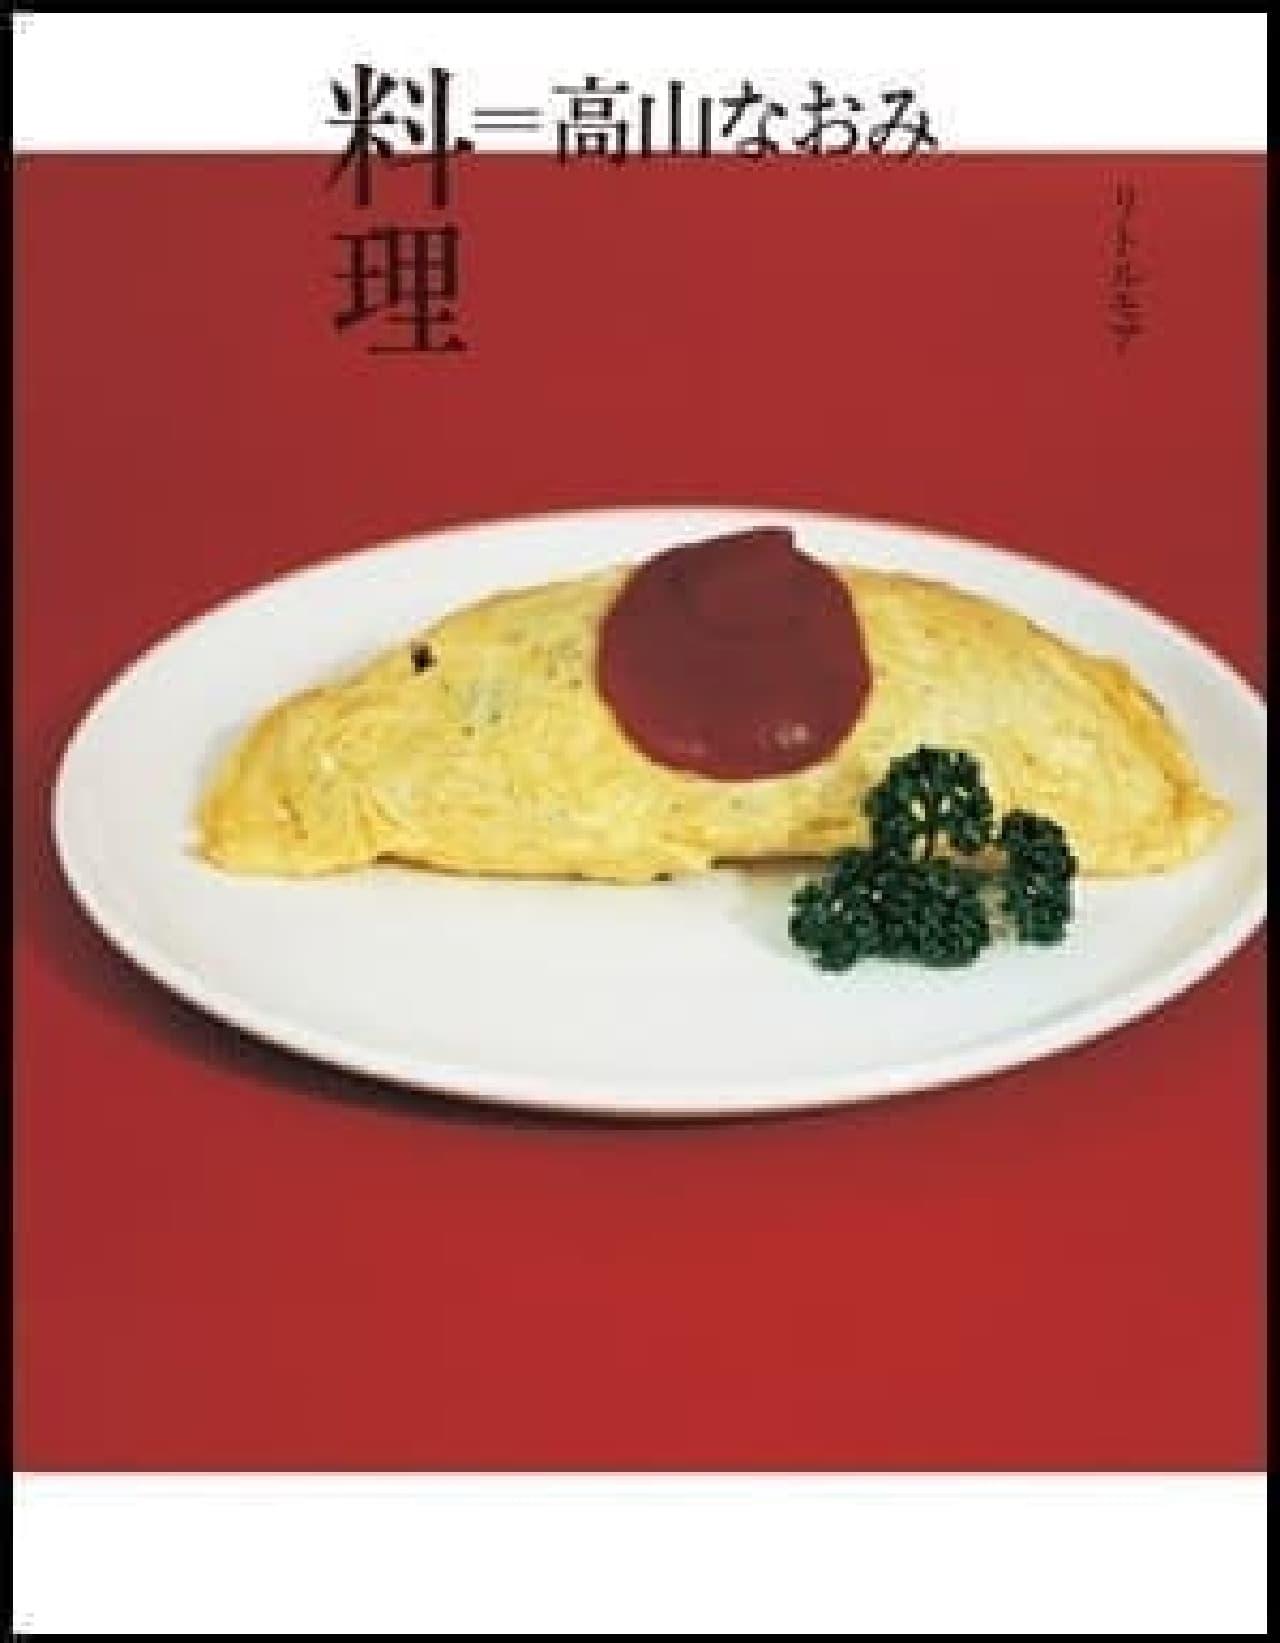 待望の新刊『料理=高山なおみ』